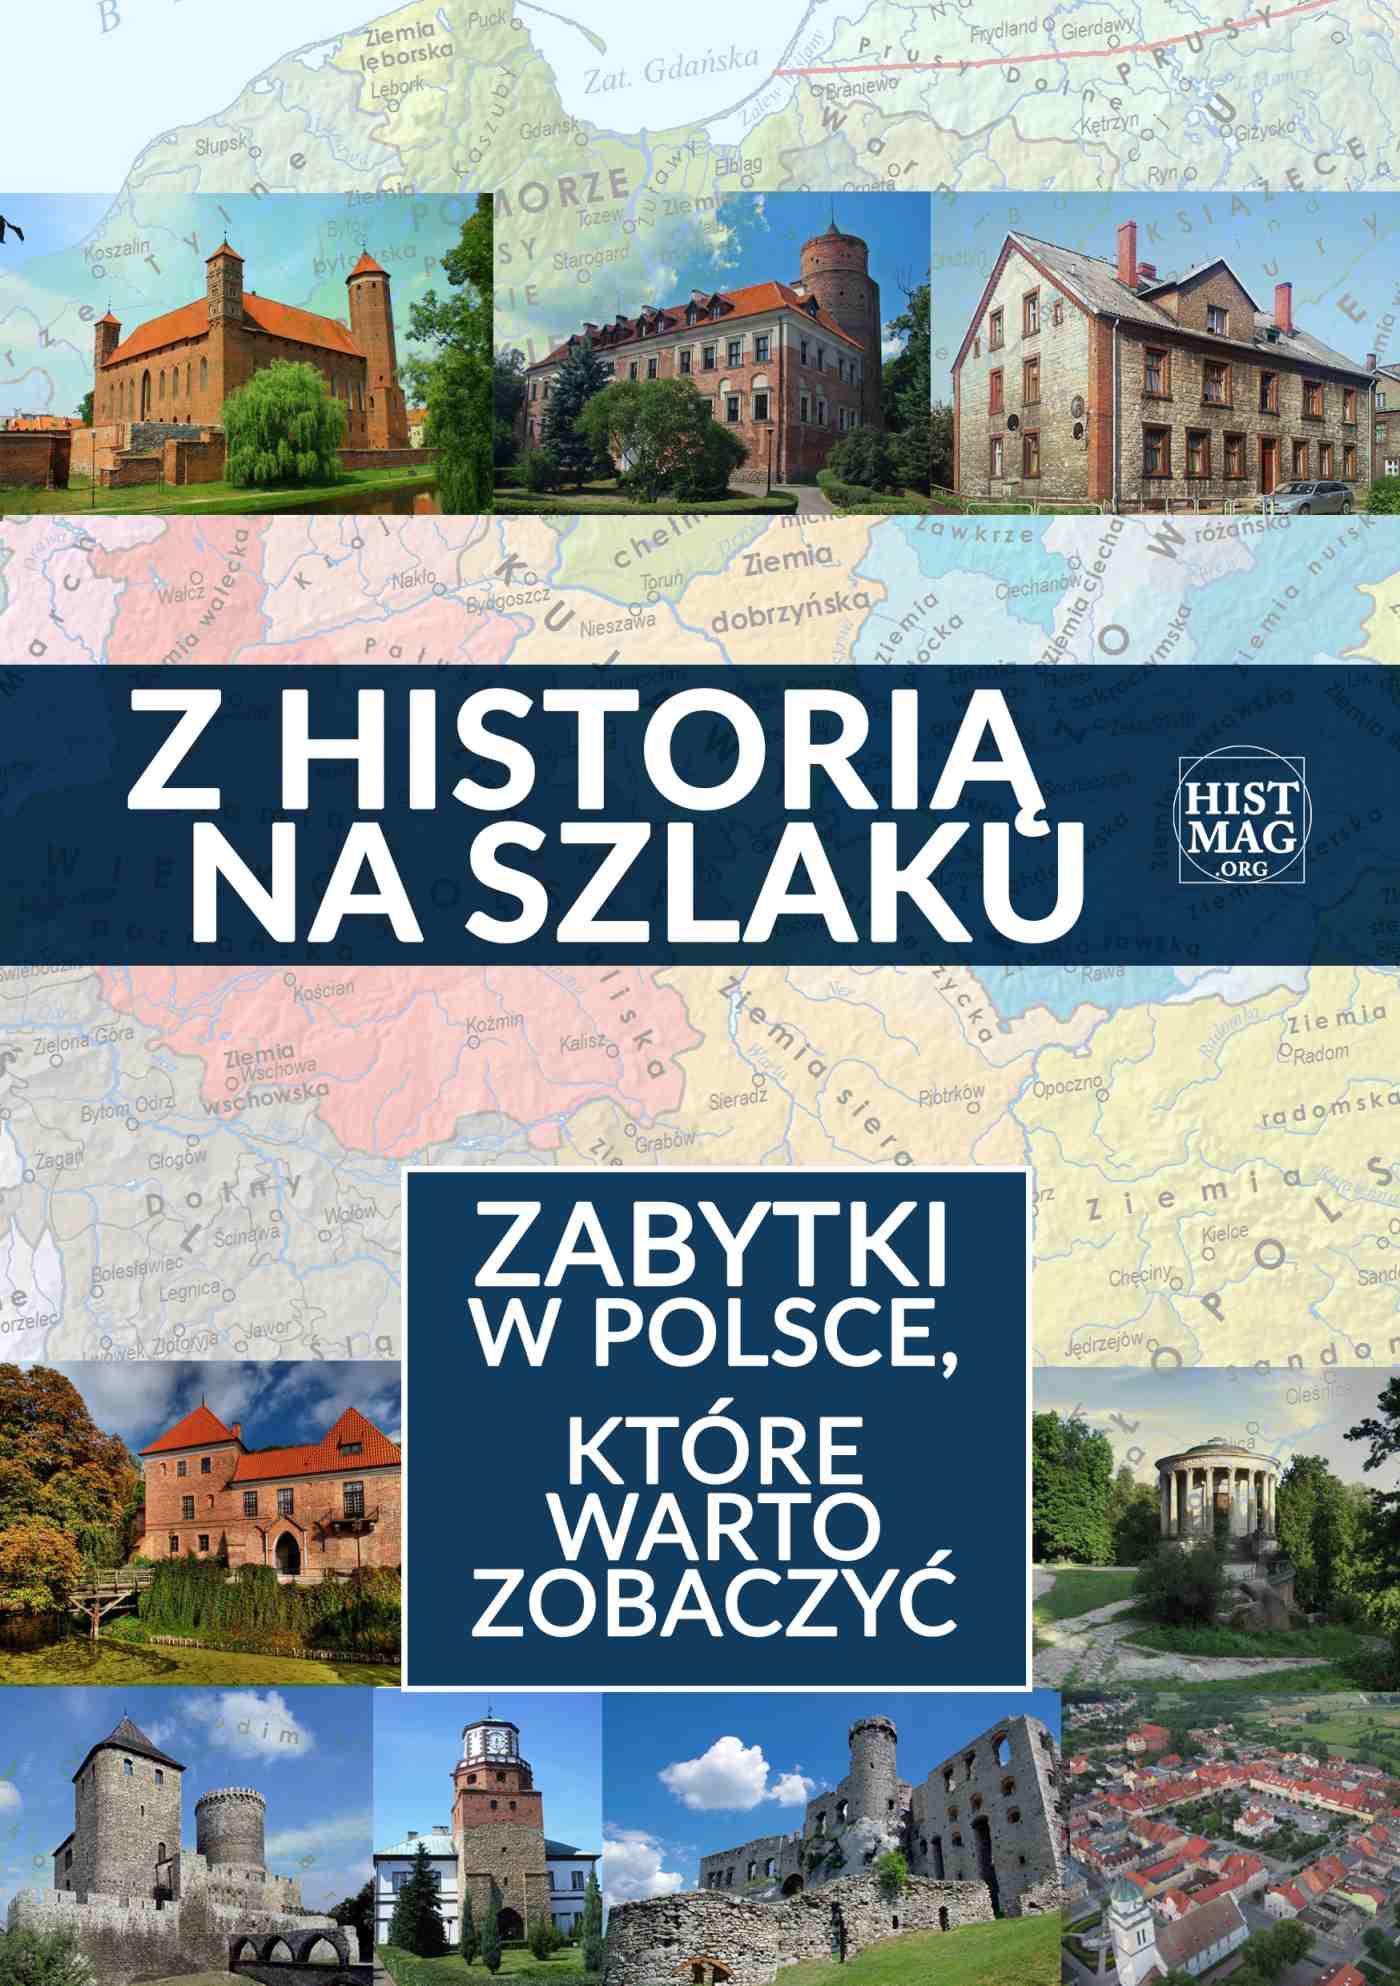 Z historią na szlaku. Zabytki w Polsce, które warto zobaczyć - Ebook (Książka na Kindle) do pobrania w formacie MOBI